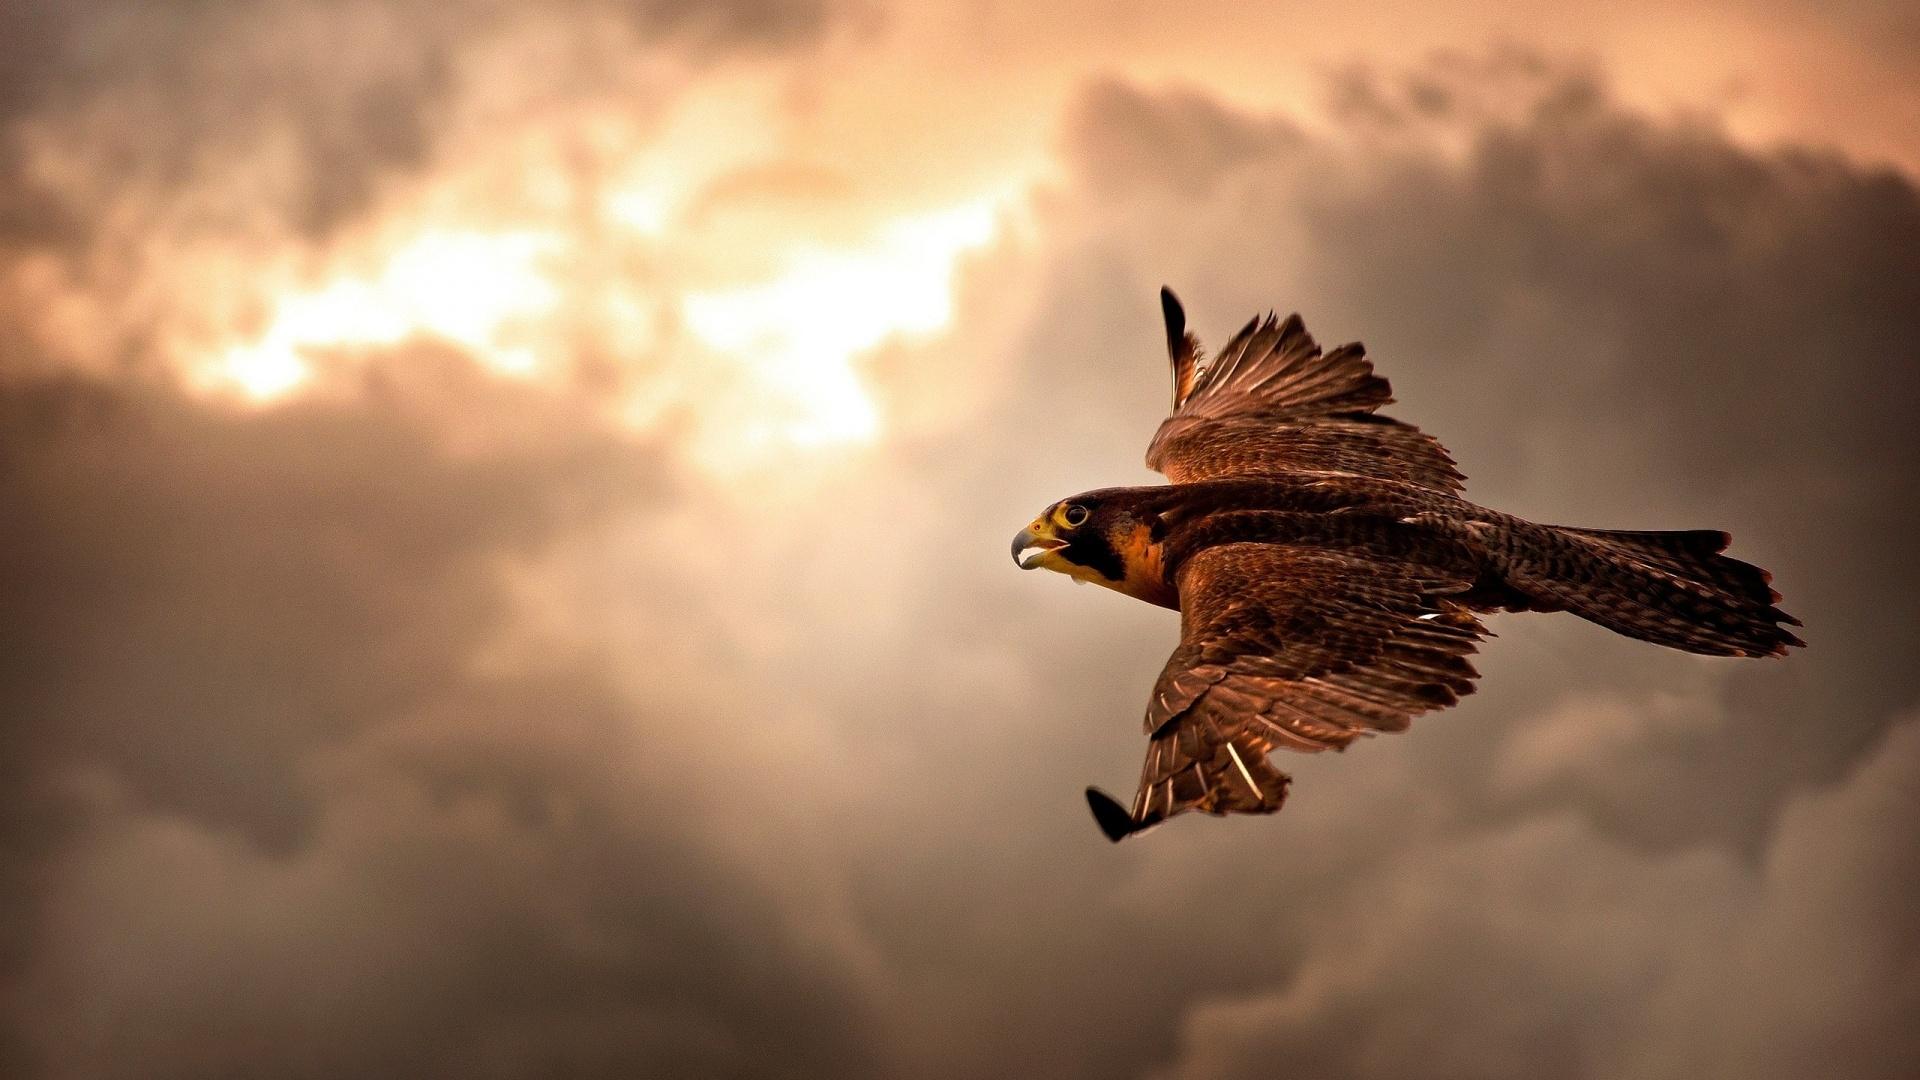 Cool Falcon Wallpaper